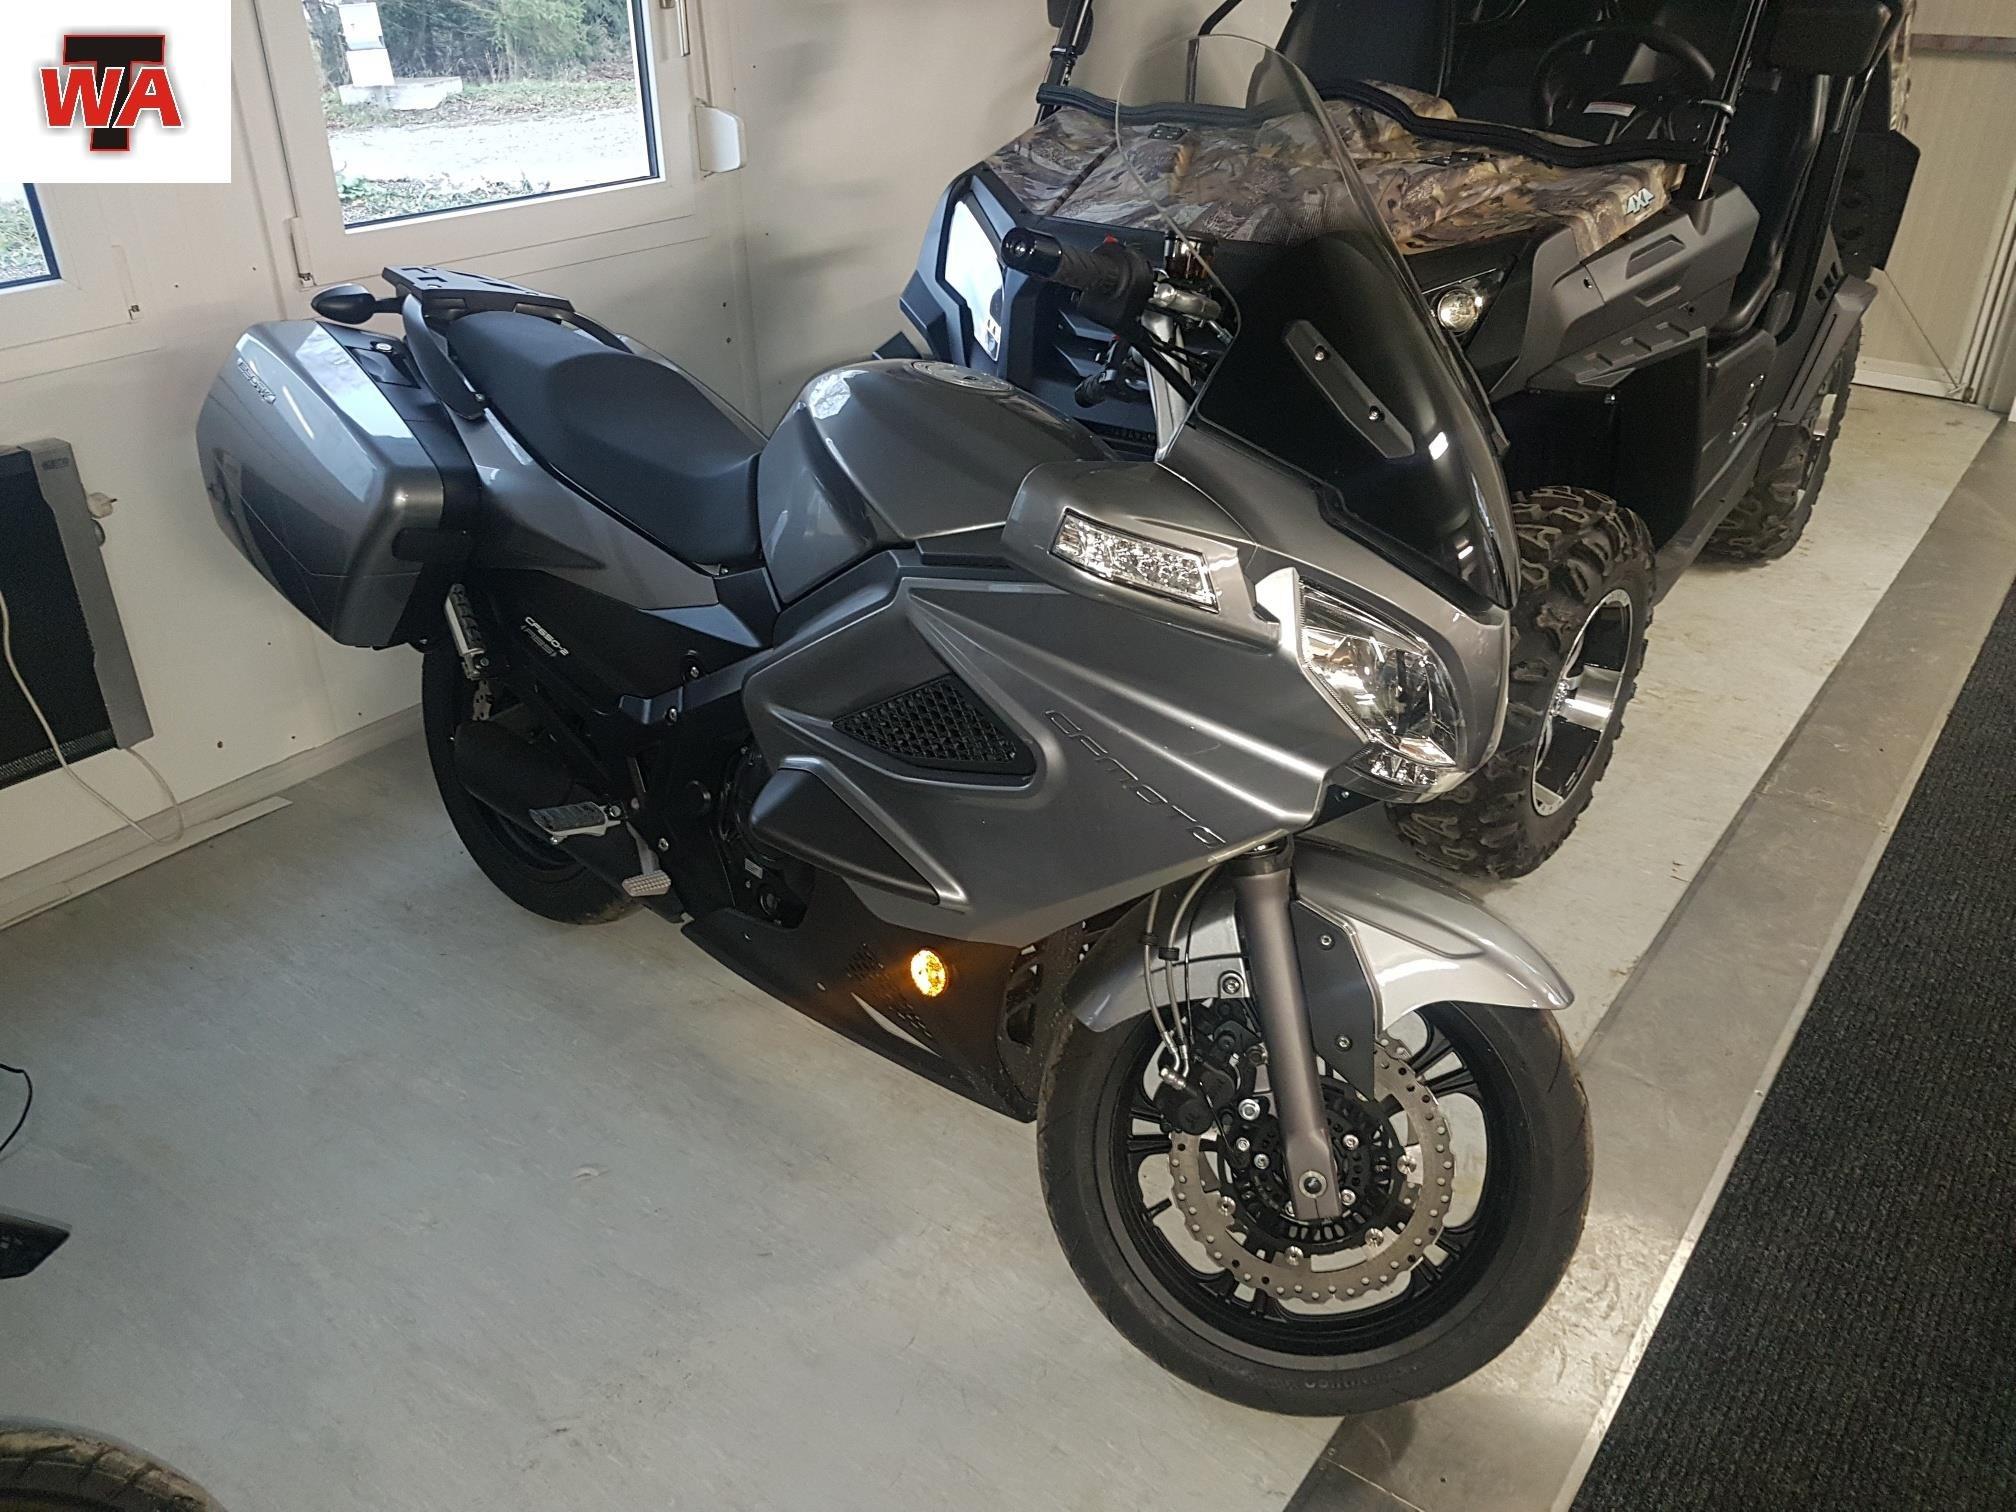 neumotorrad cf moto 650 tk baujahr preis 5 39 eur aus nieder sterreich. Black Bedroom Furniture Sets. Home Design Ideas